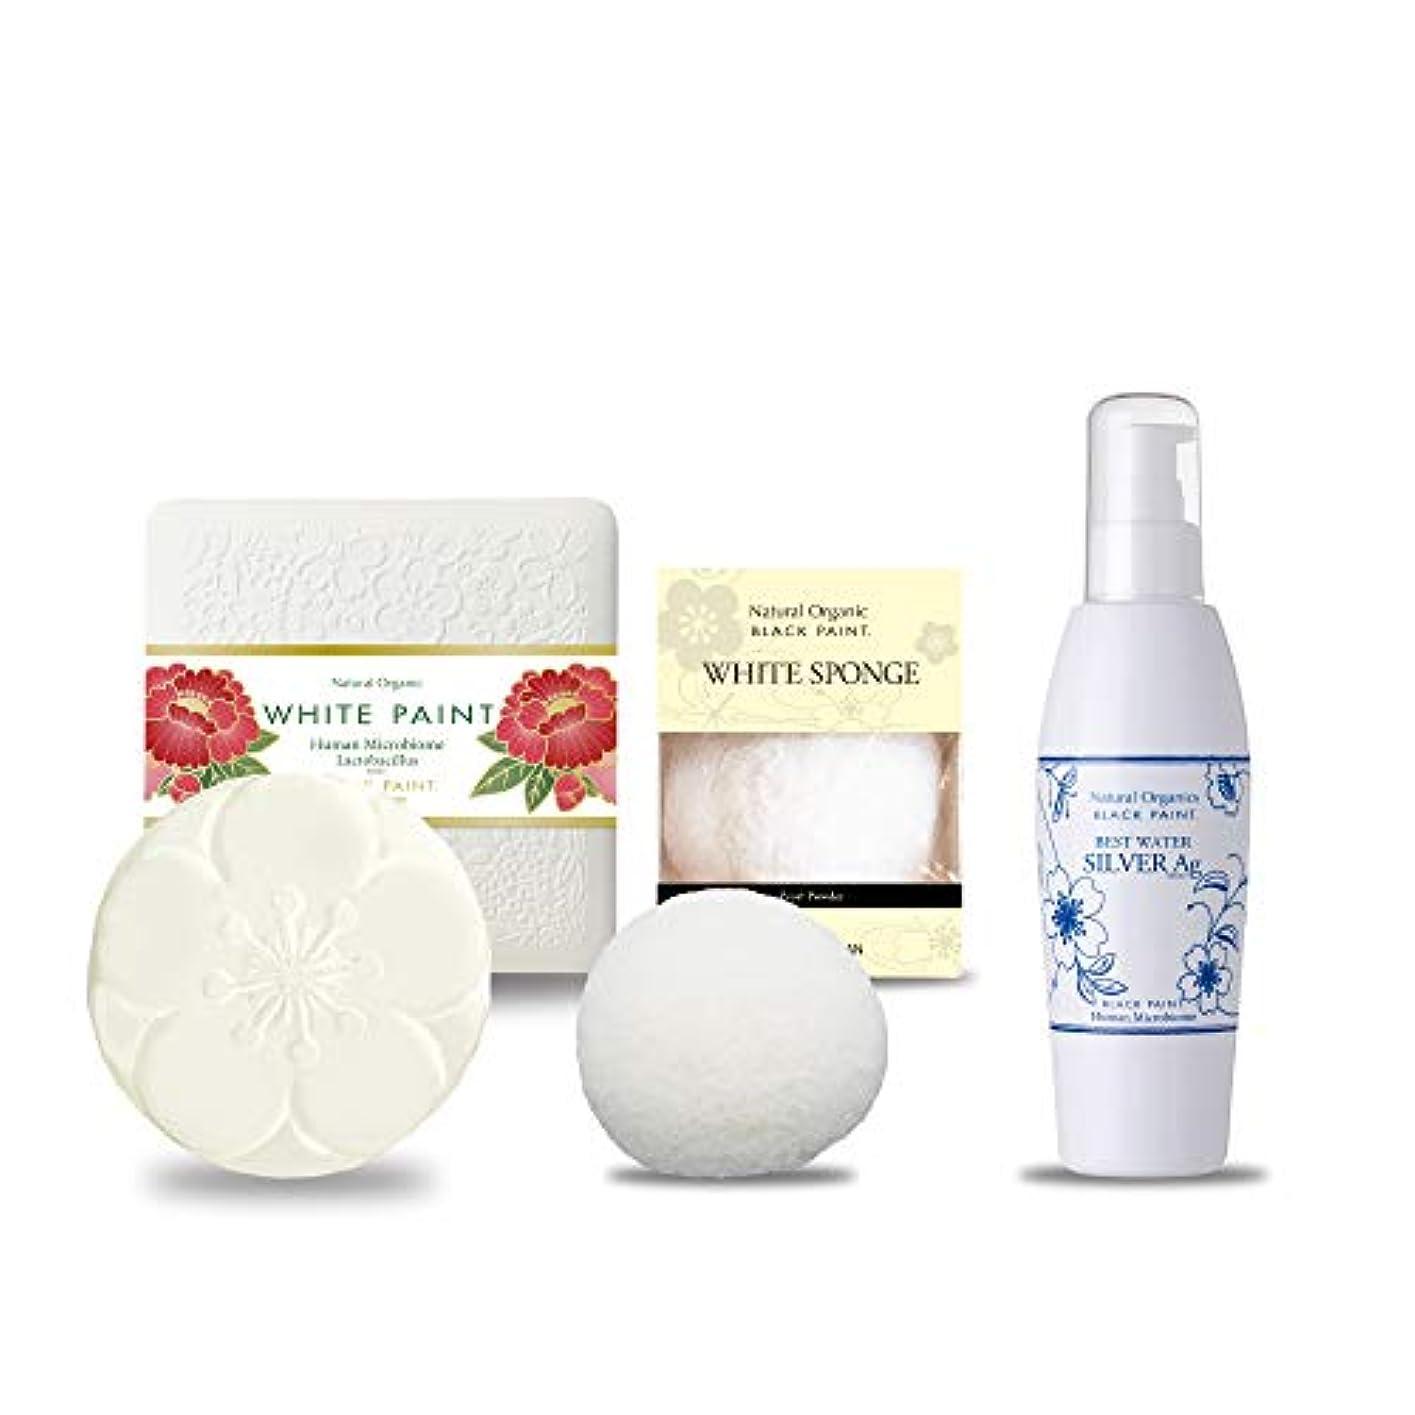 プレミアムホワイトペイント洗顔セット (60g?ホワイトスポンジ?プレミアムベストウォーターシルバーAg100ml)